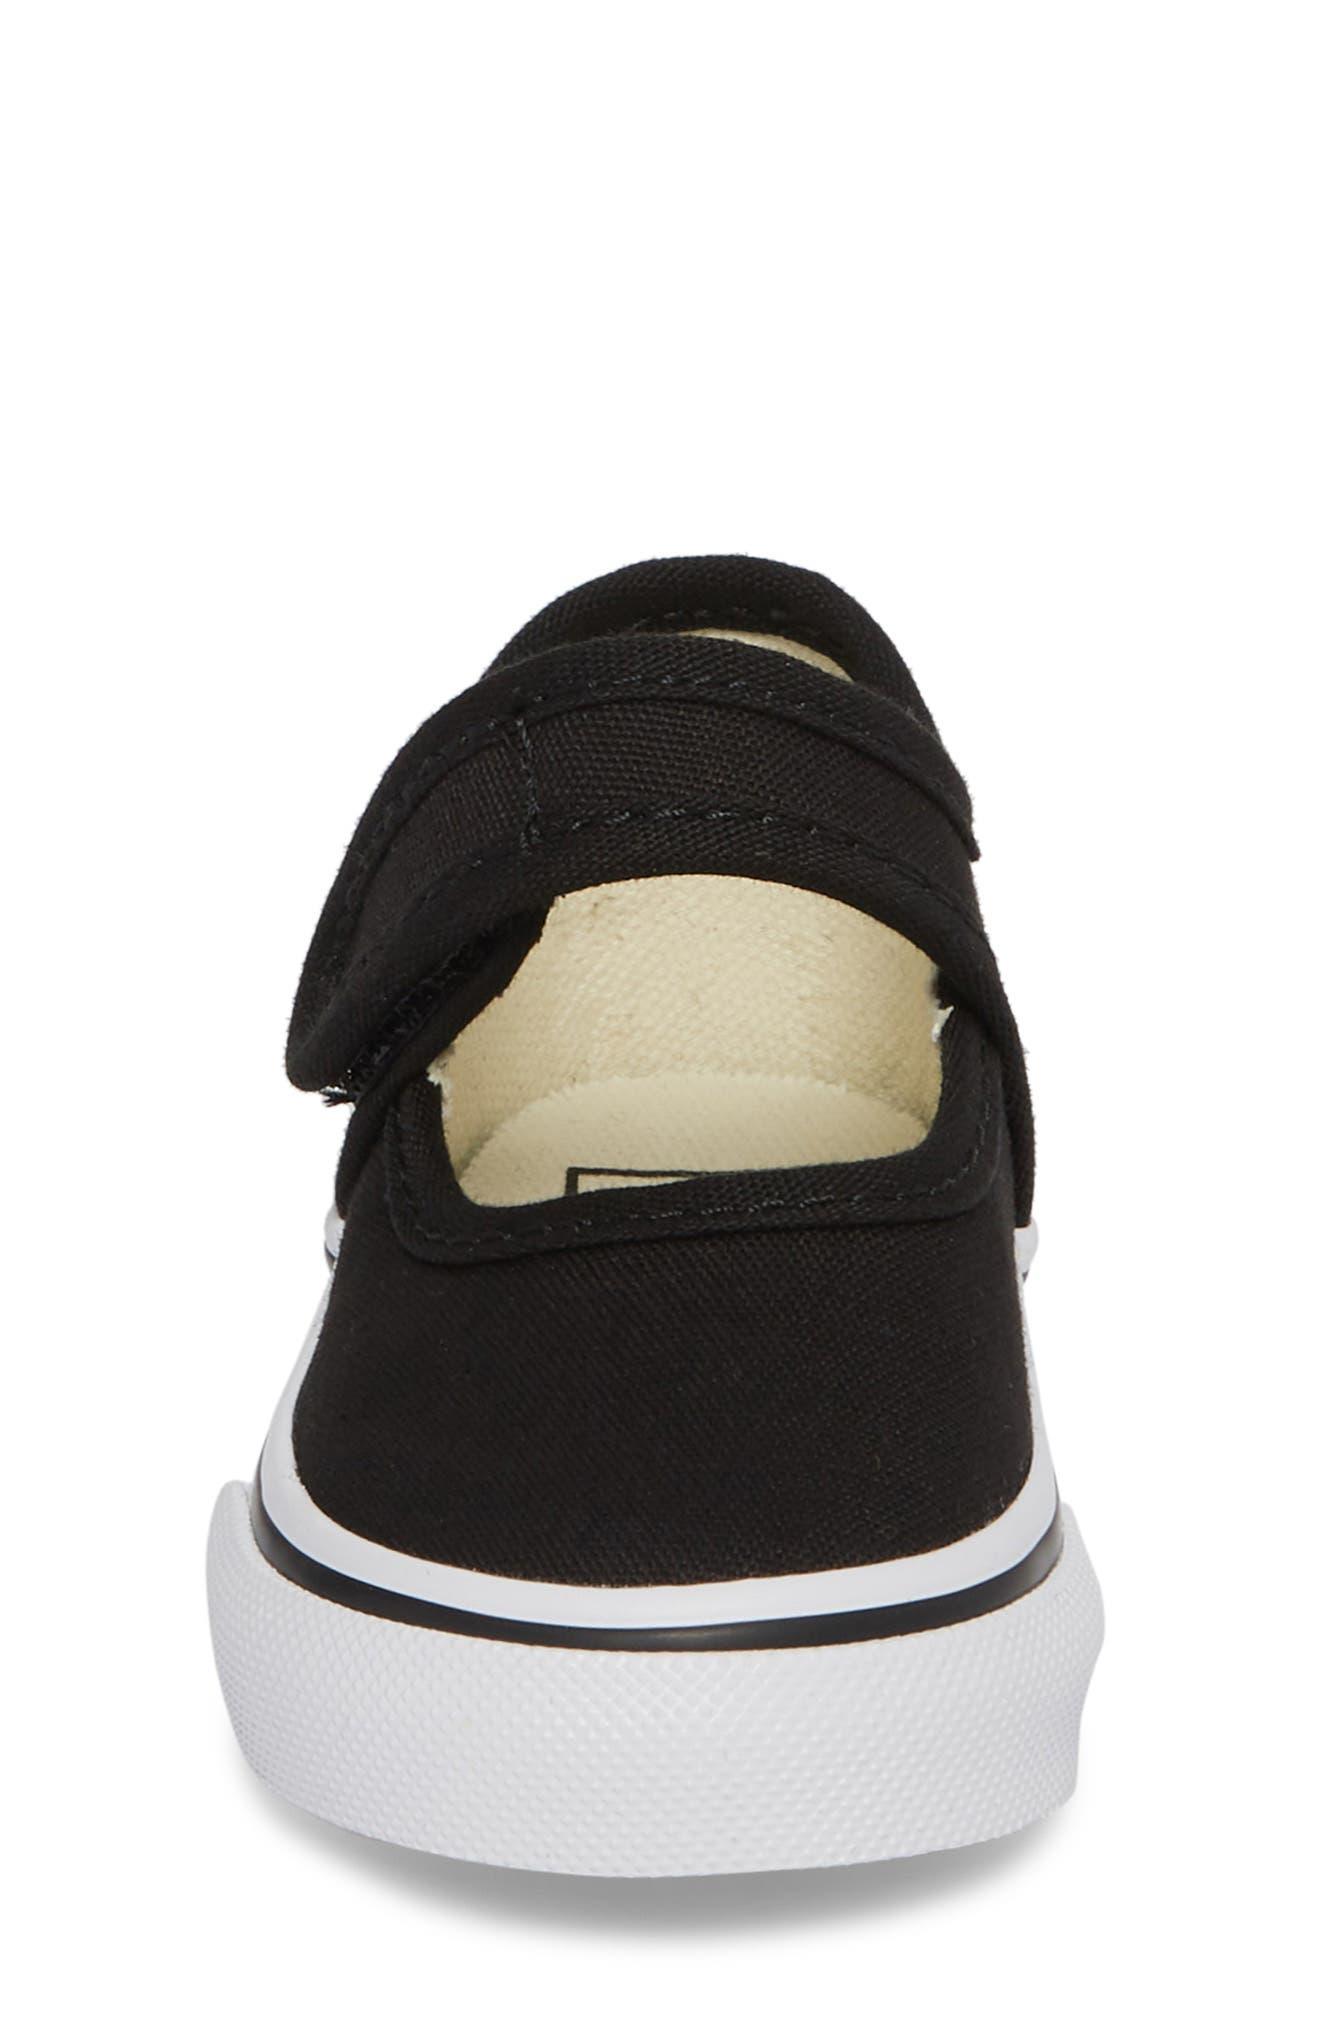 VANS,                             Mary Jane Sneaker,                             Alternate thumbnail 4, color,                             001